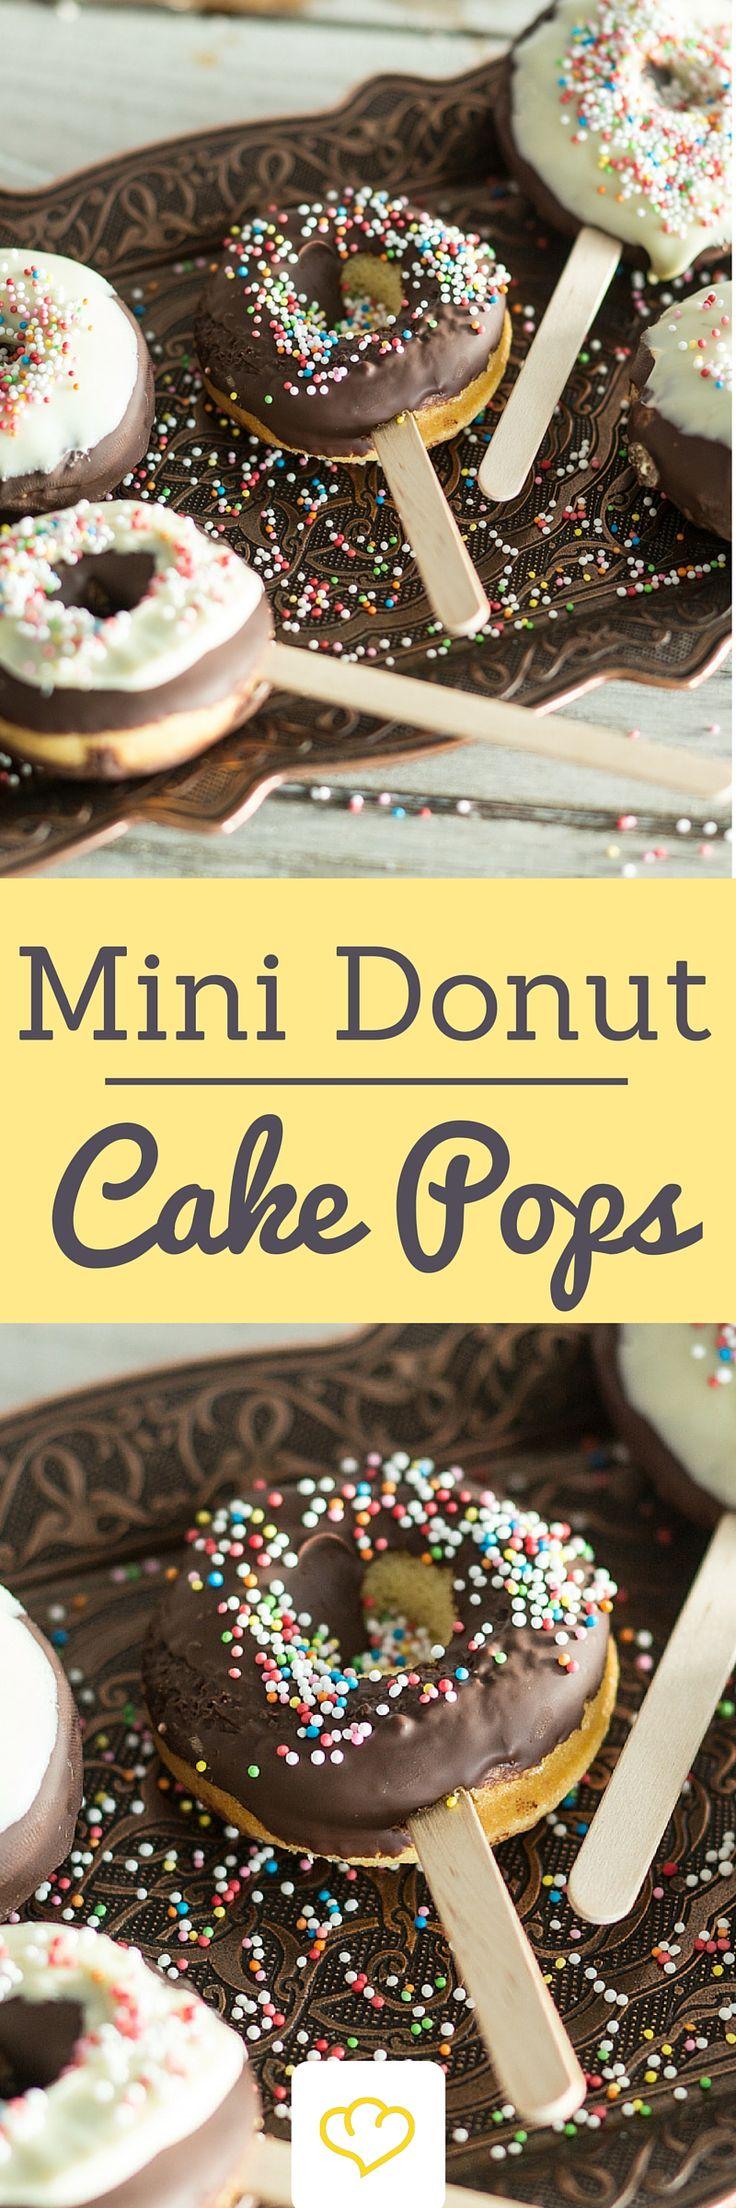 die 40 besten bilder zu 18 geburtstag auf pinterest geburtstag mini donuts und schokolade. Black Bedroom Furniture Sets. Home Design Ideas